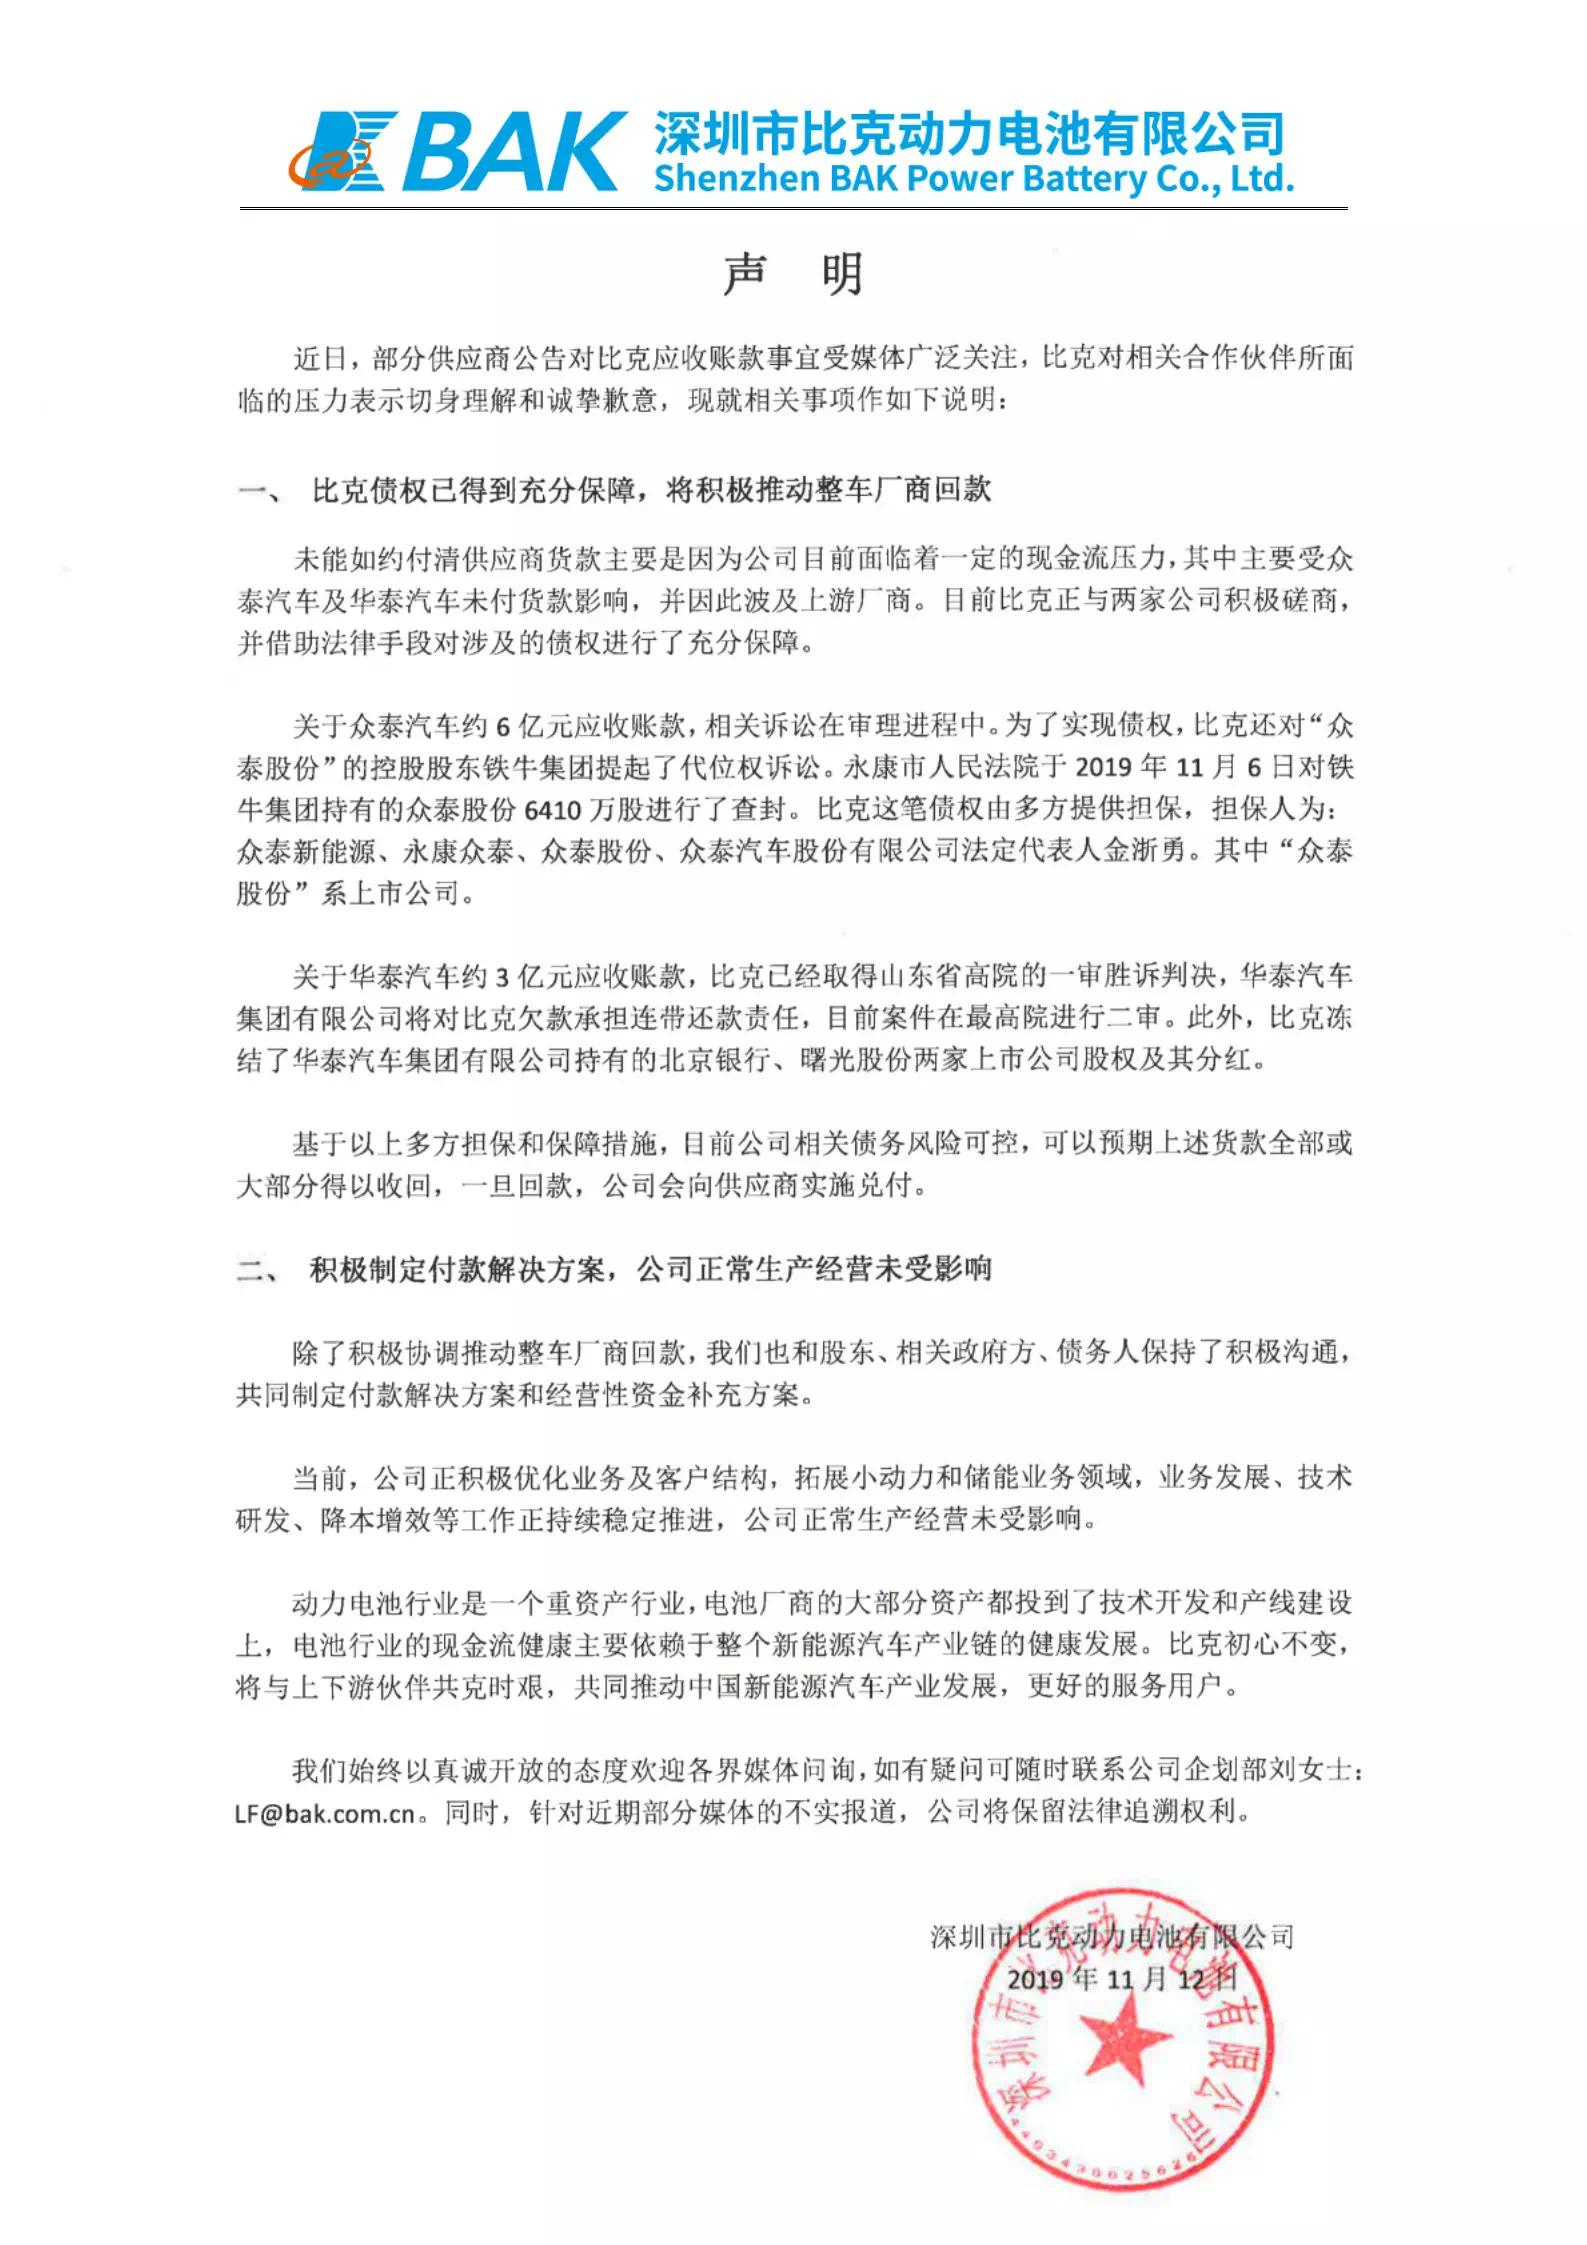 188体育app下载官网 FIFA电竞国家杯:中国队小组赛三战皆负排名垫底